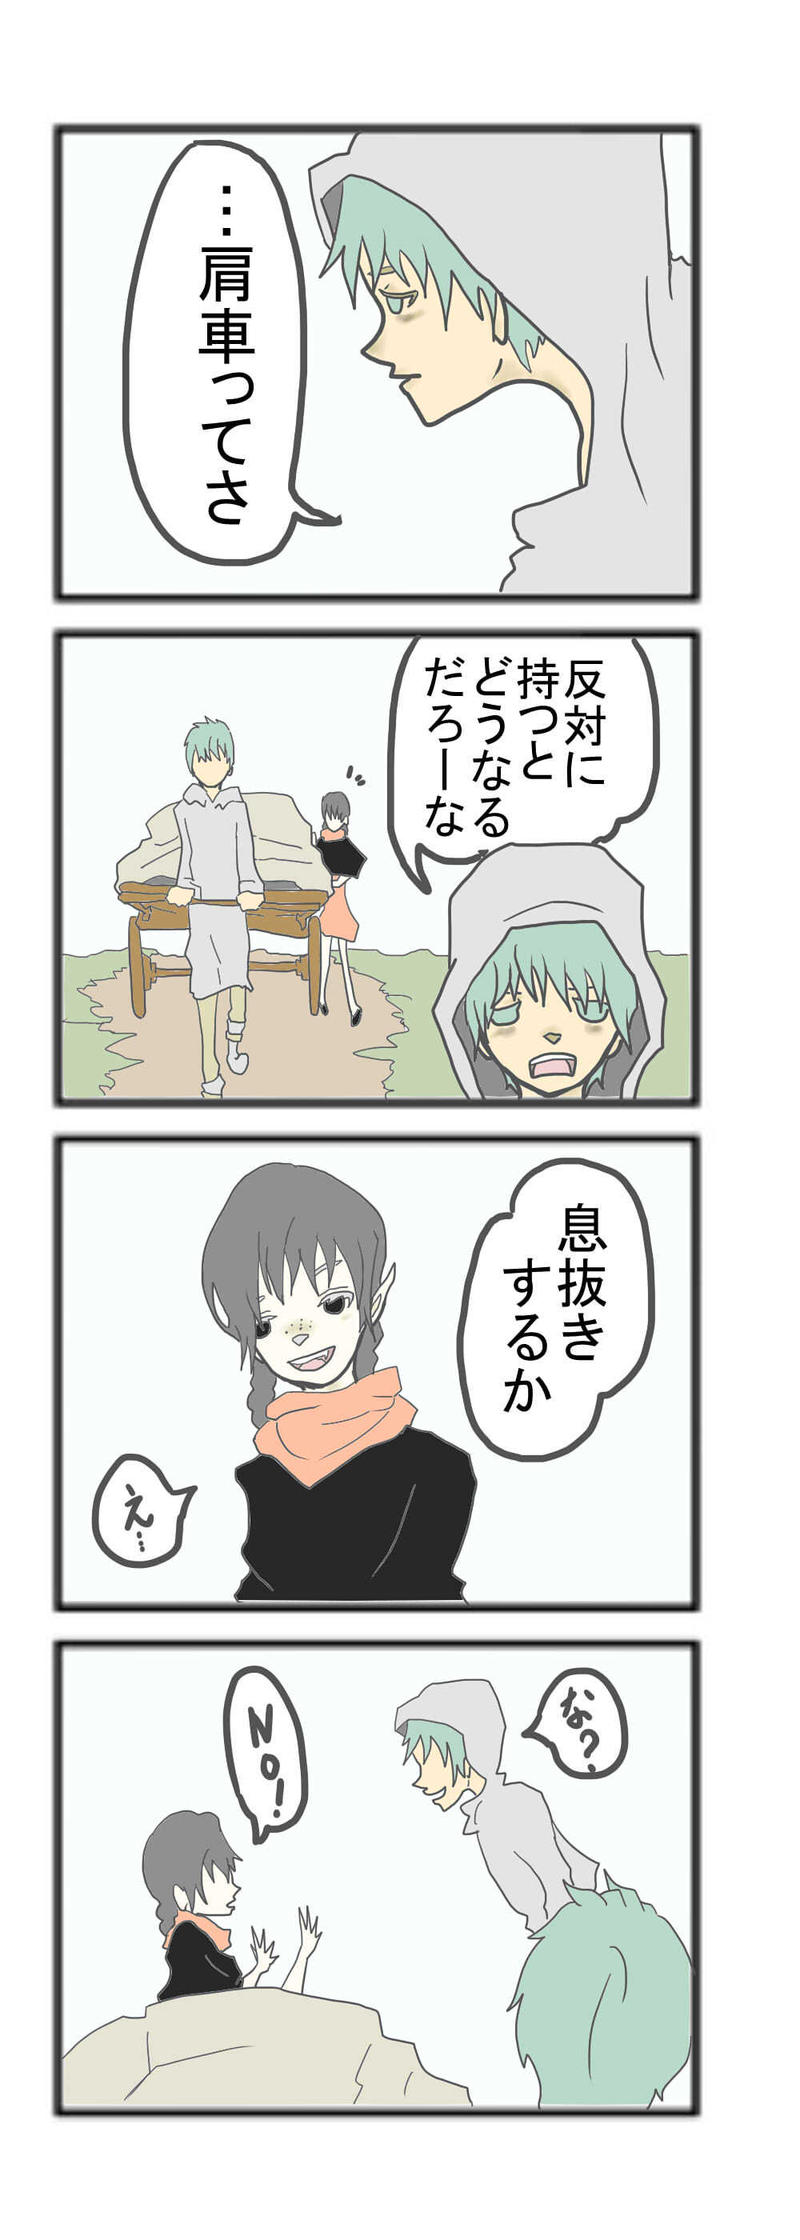 #13 『三人組の会話』